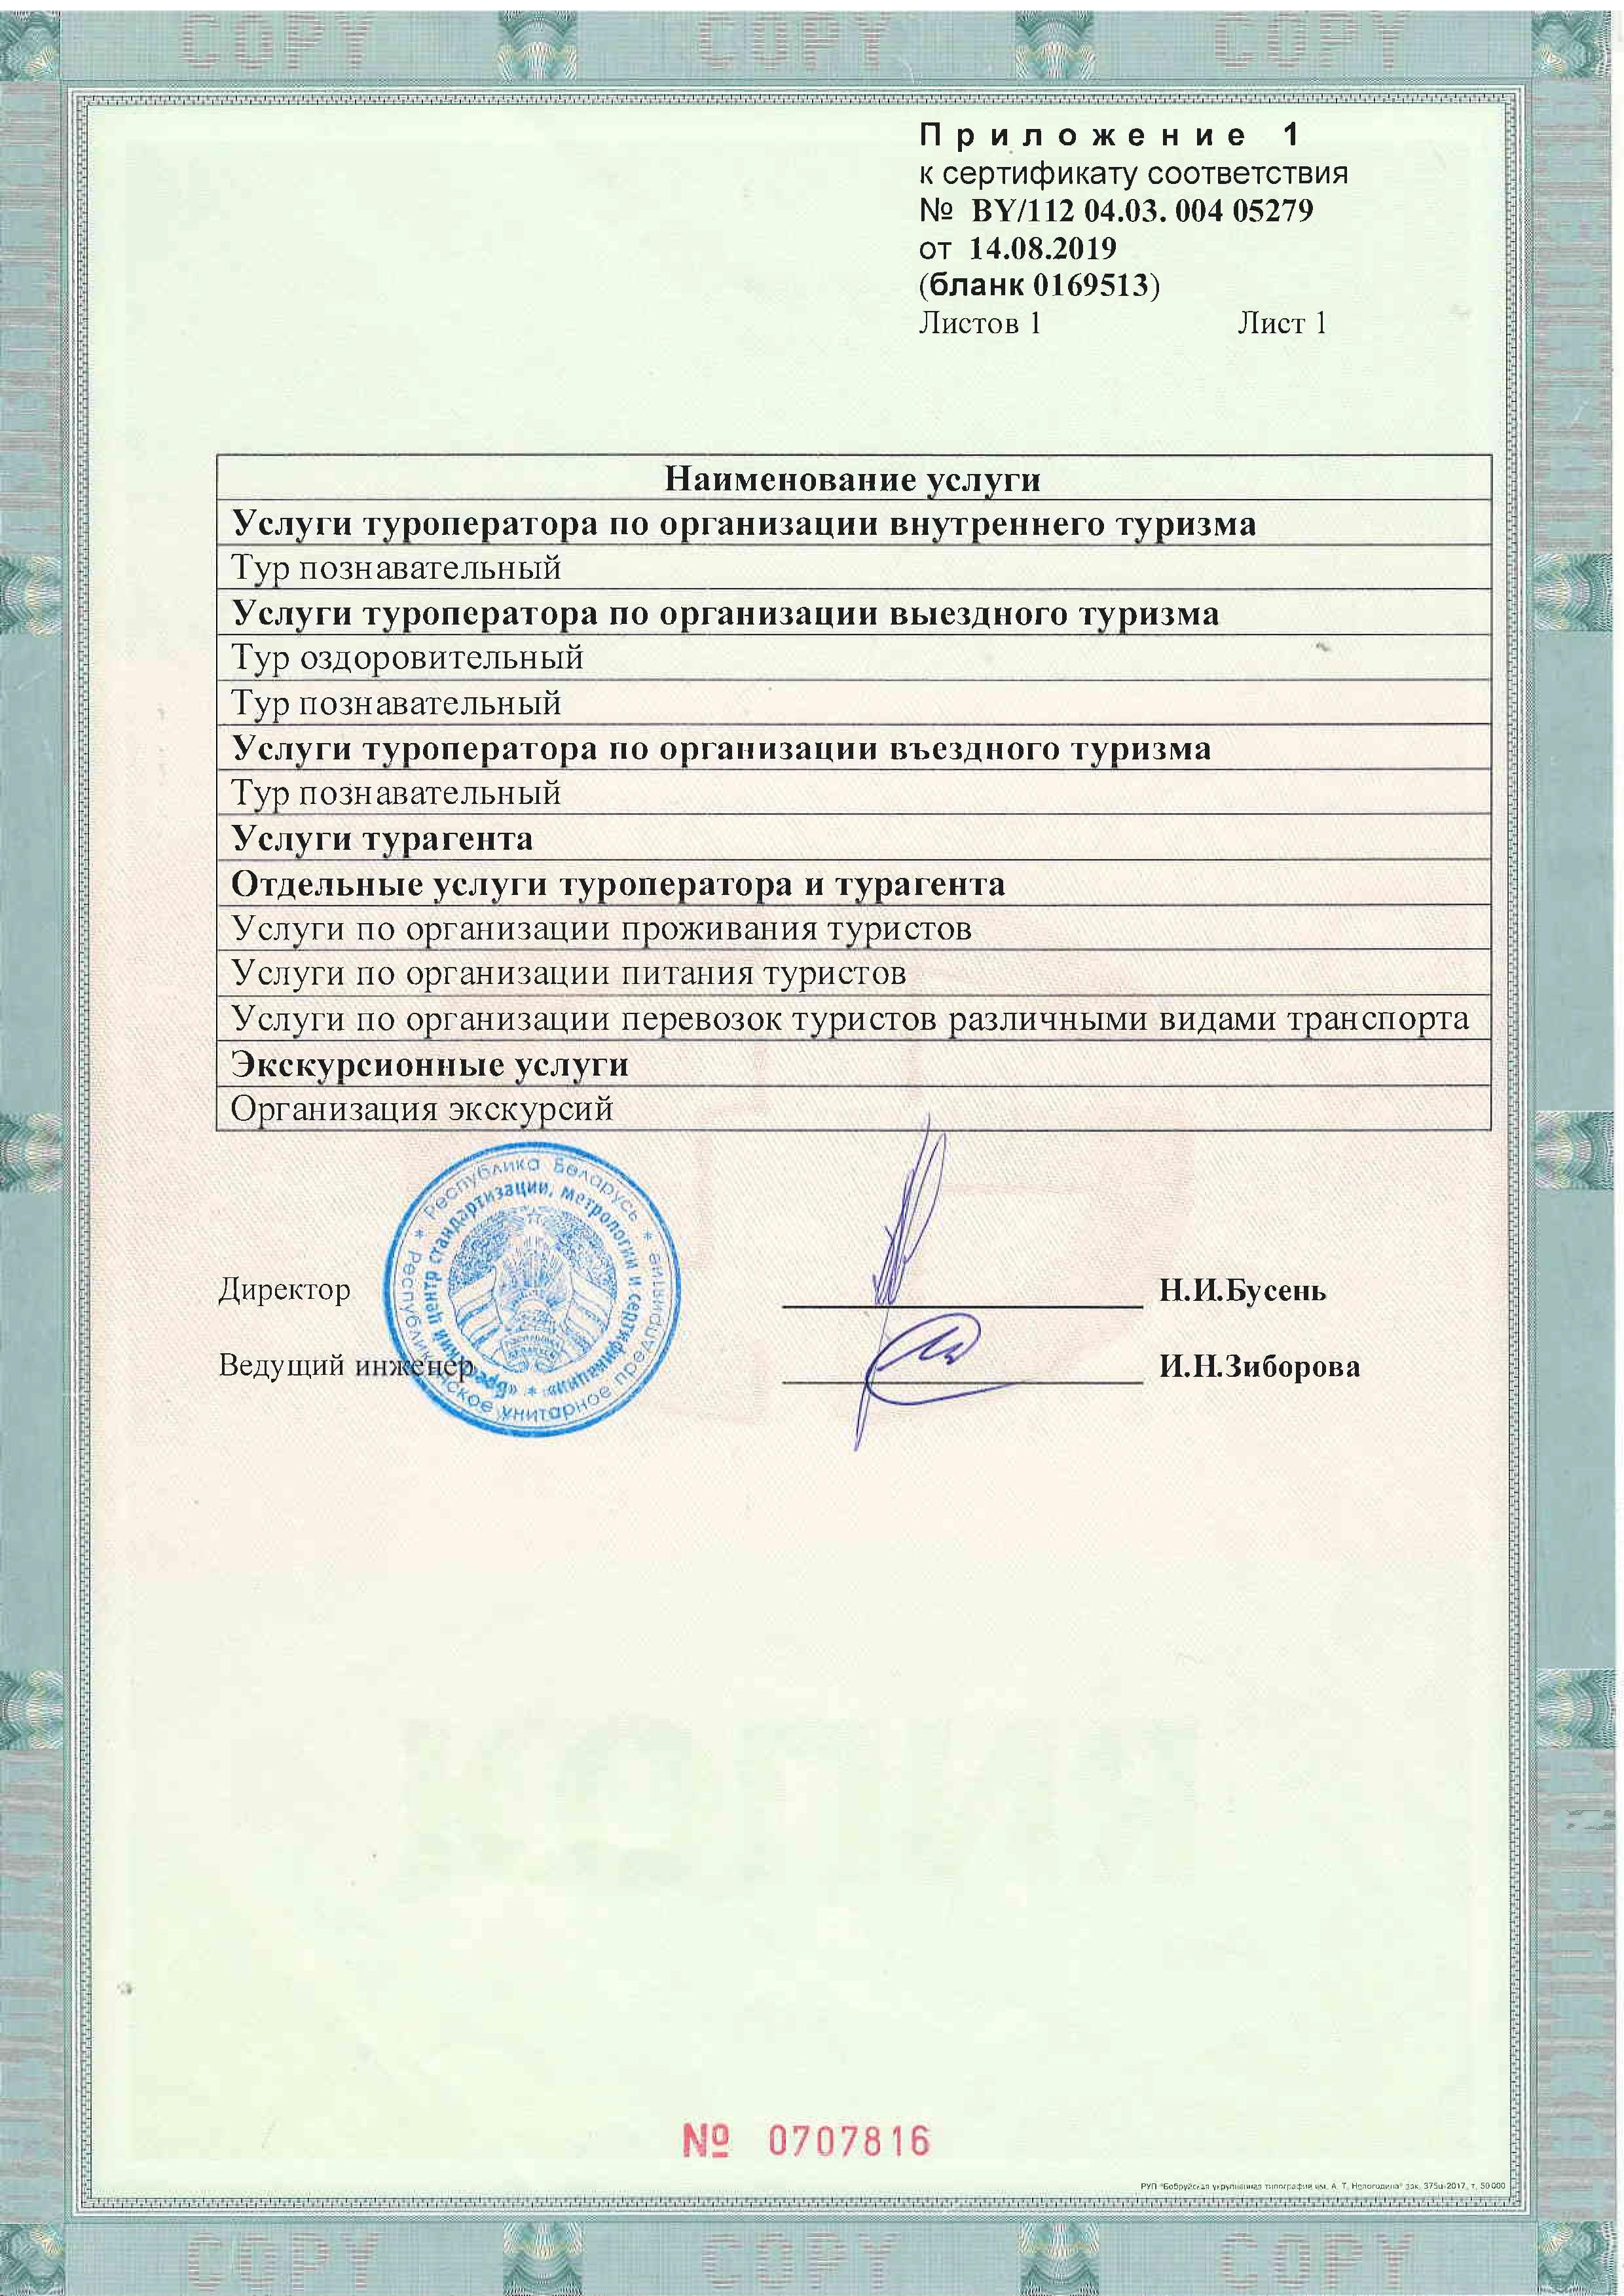 Сертификат. Внутренний туризм. Back.